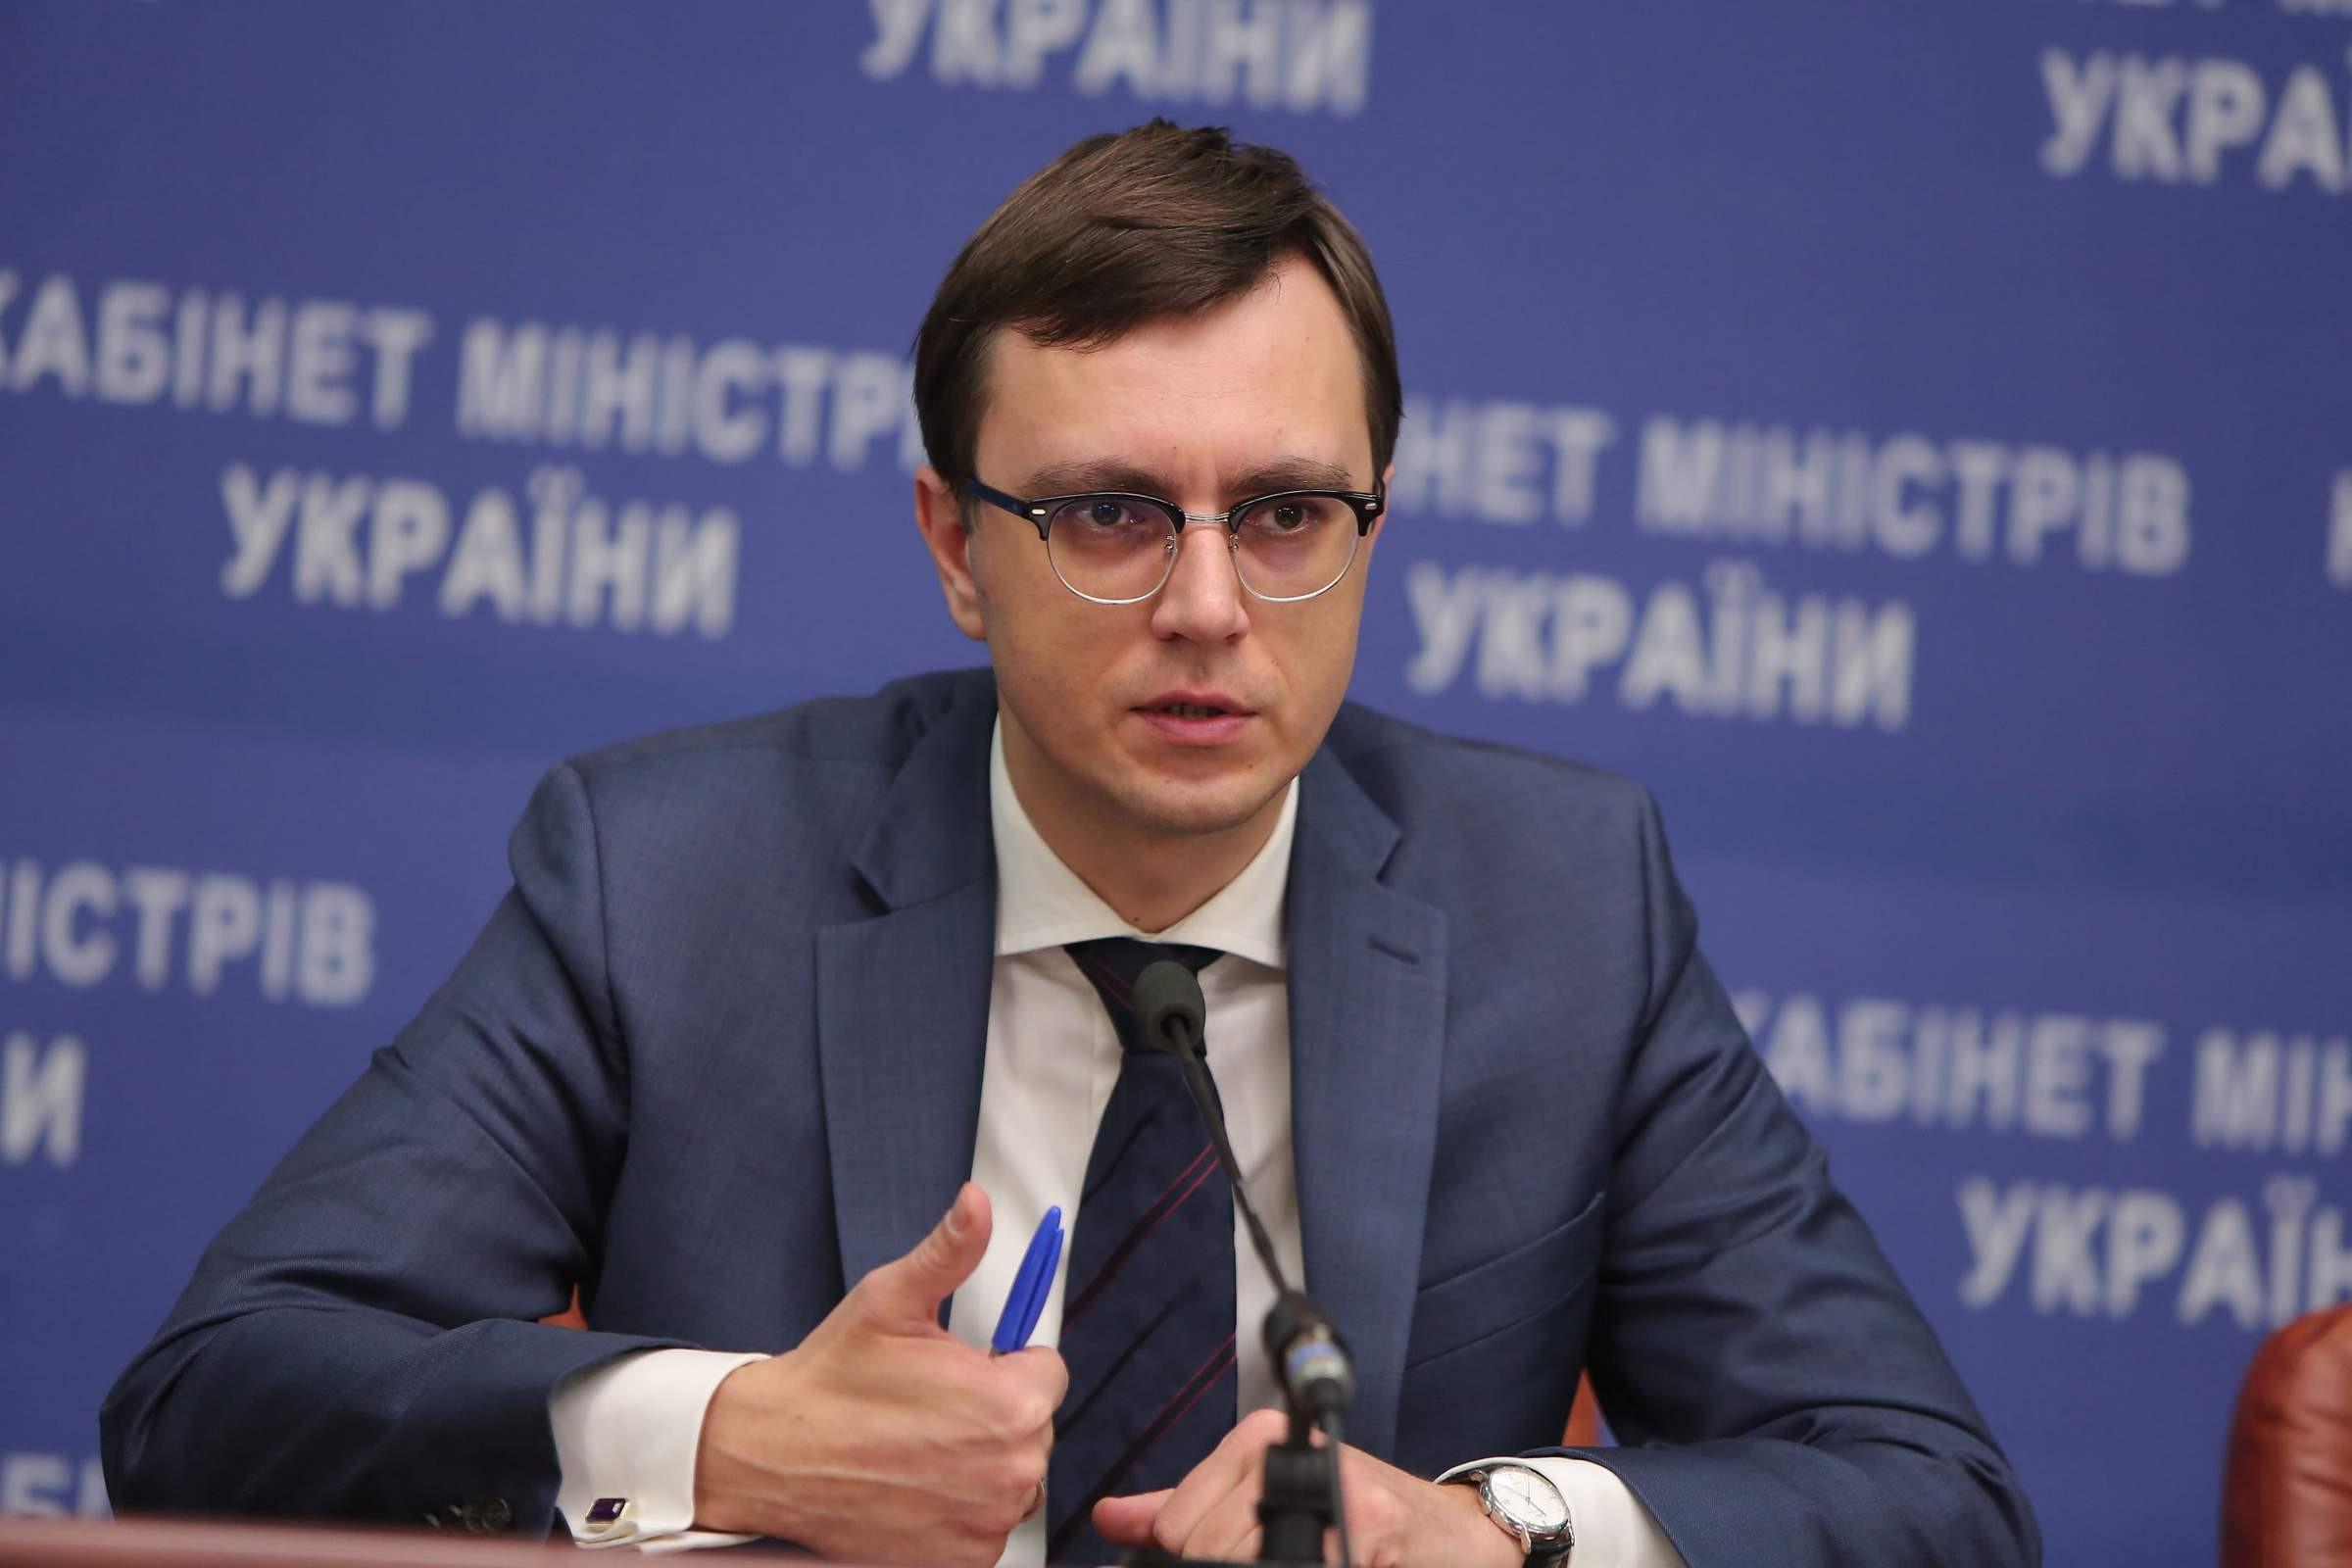 Вирус Petya.A – это очередная спецоперация Кремля и элемент гибридной войны, которую Россия ведет против Украины, - Омелян